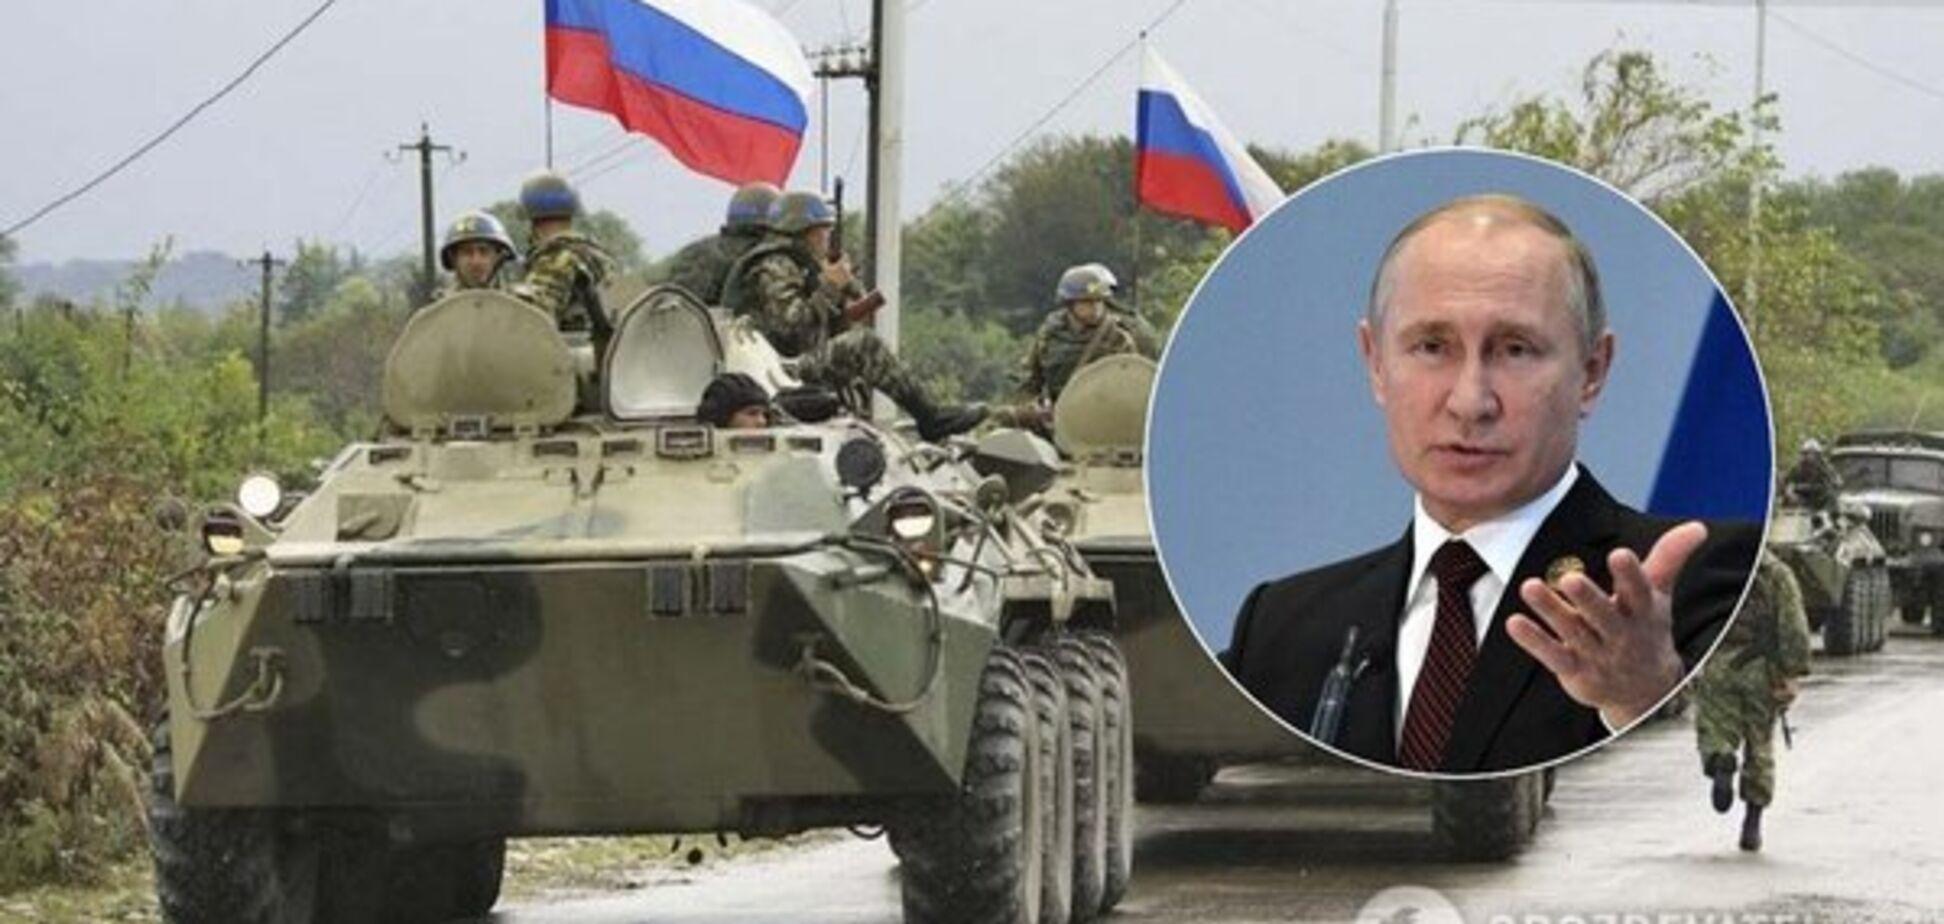 Путин нагнул бывший совок и устроил большие проблемы